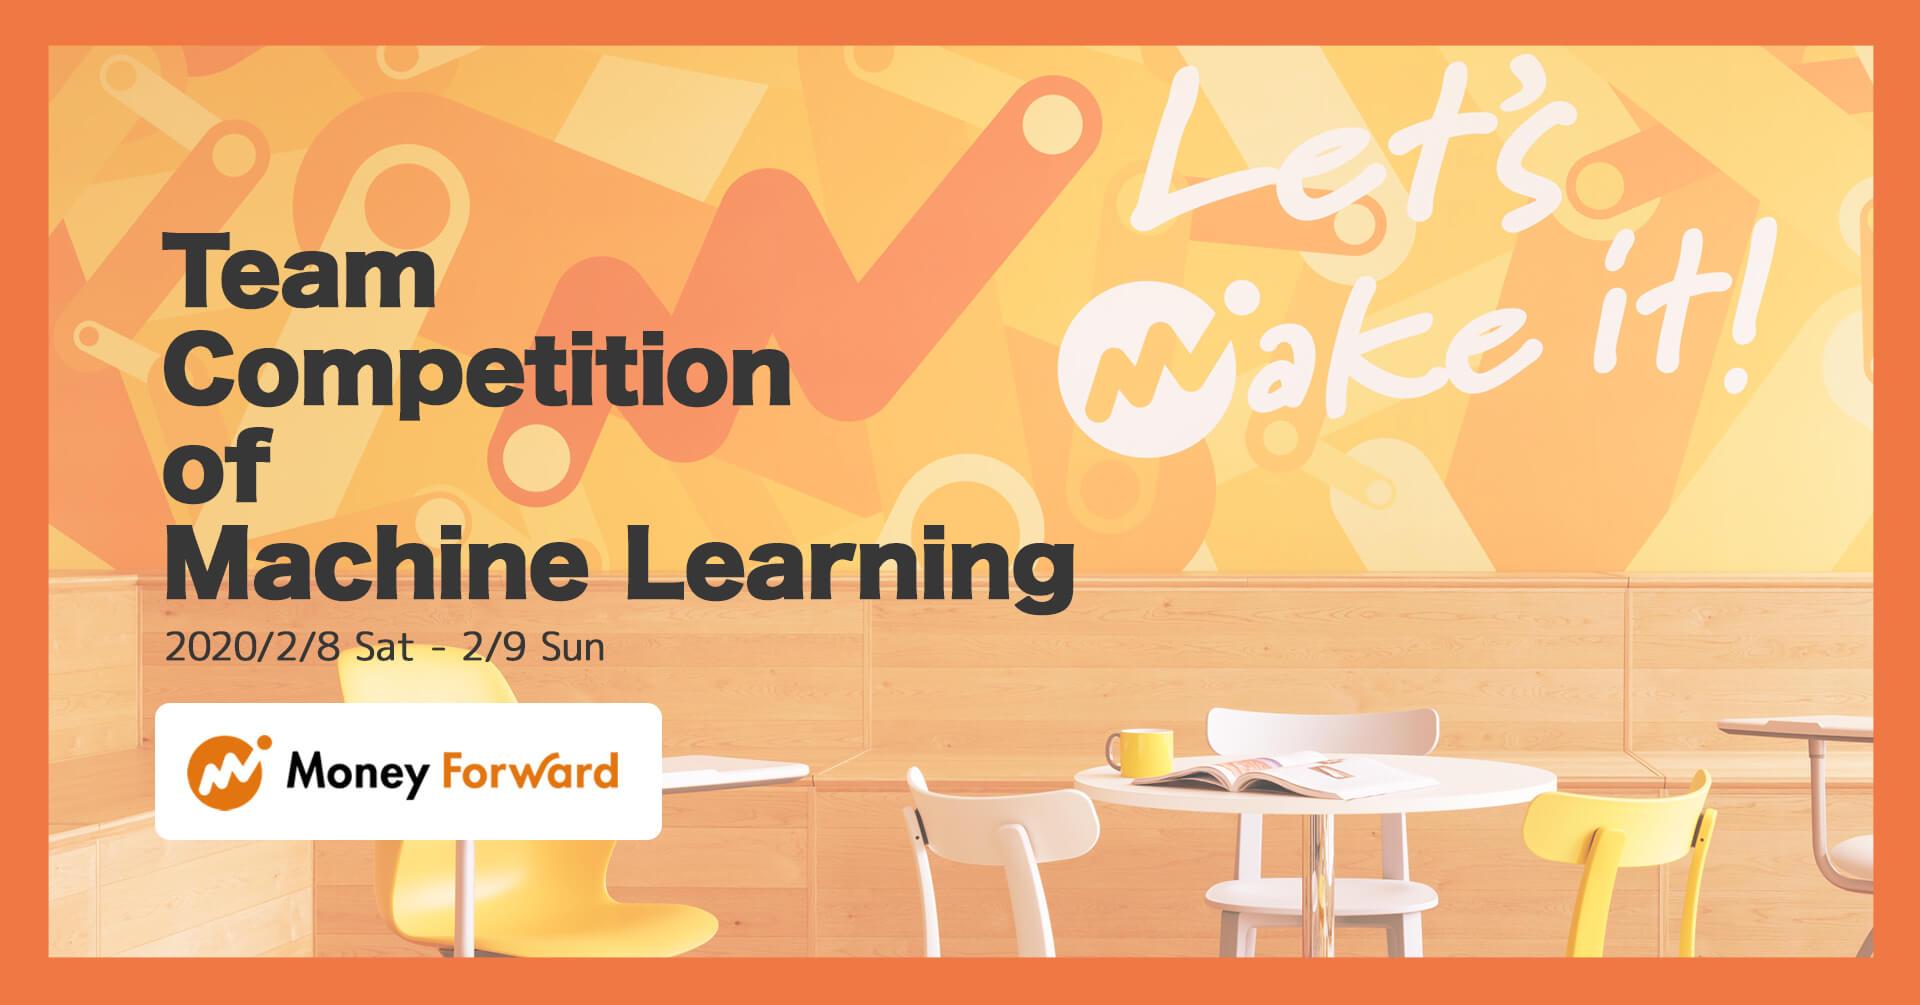 機械学習の力で「お金をもっと前へ」。900万ユーザー超え家計簿アプリのマネーフォワード主催・オフラインコンペティション!